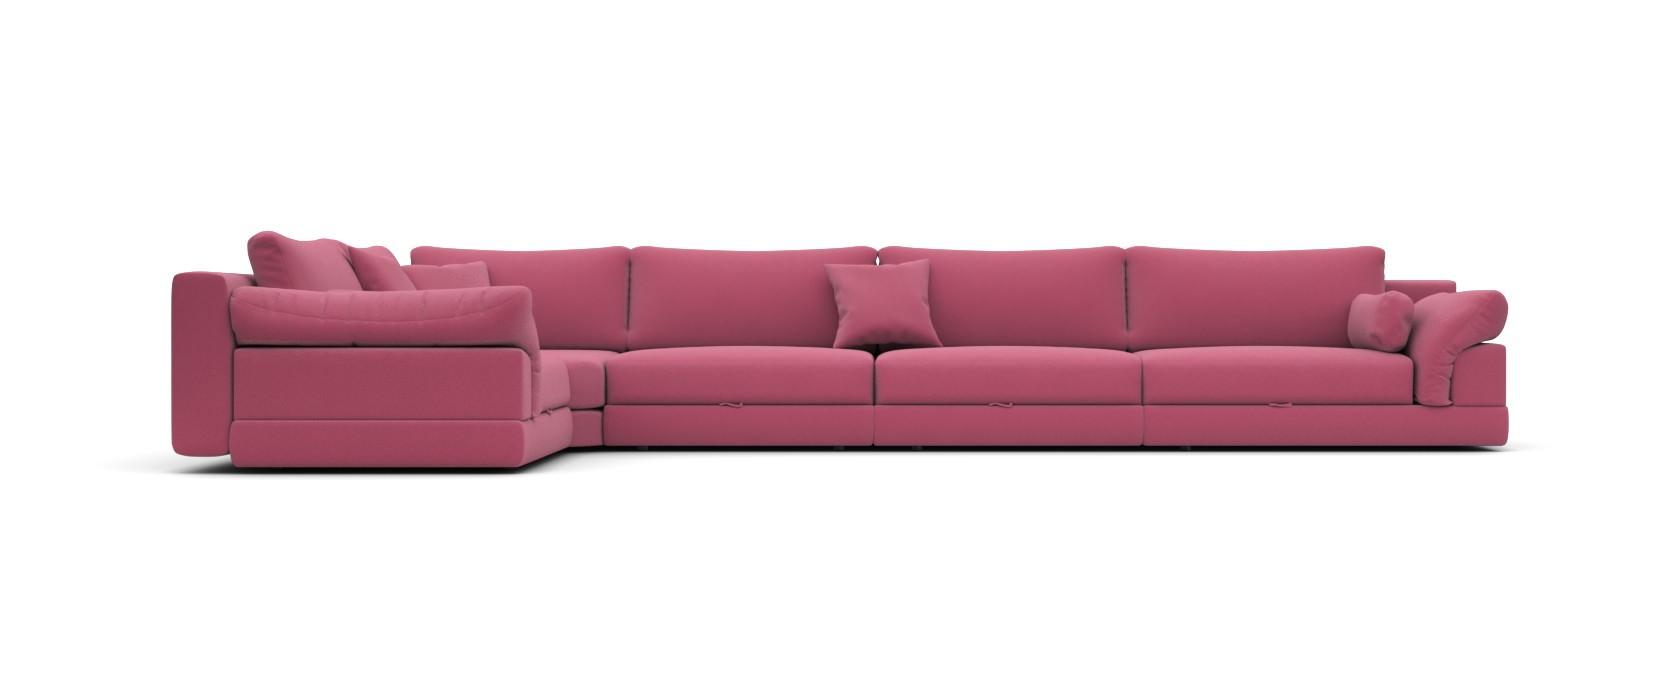 Модульный диван Claudia 455x255 - Pufetto